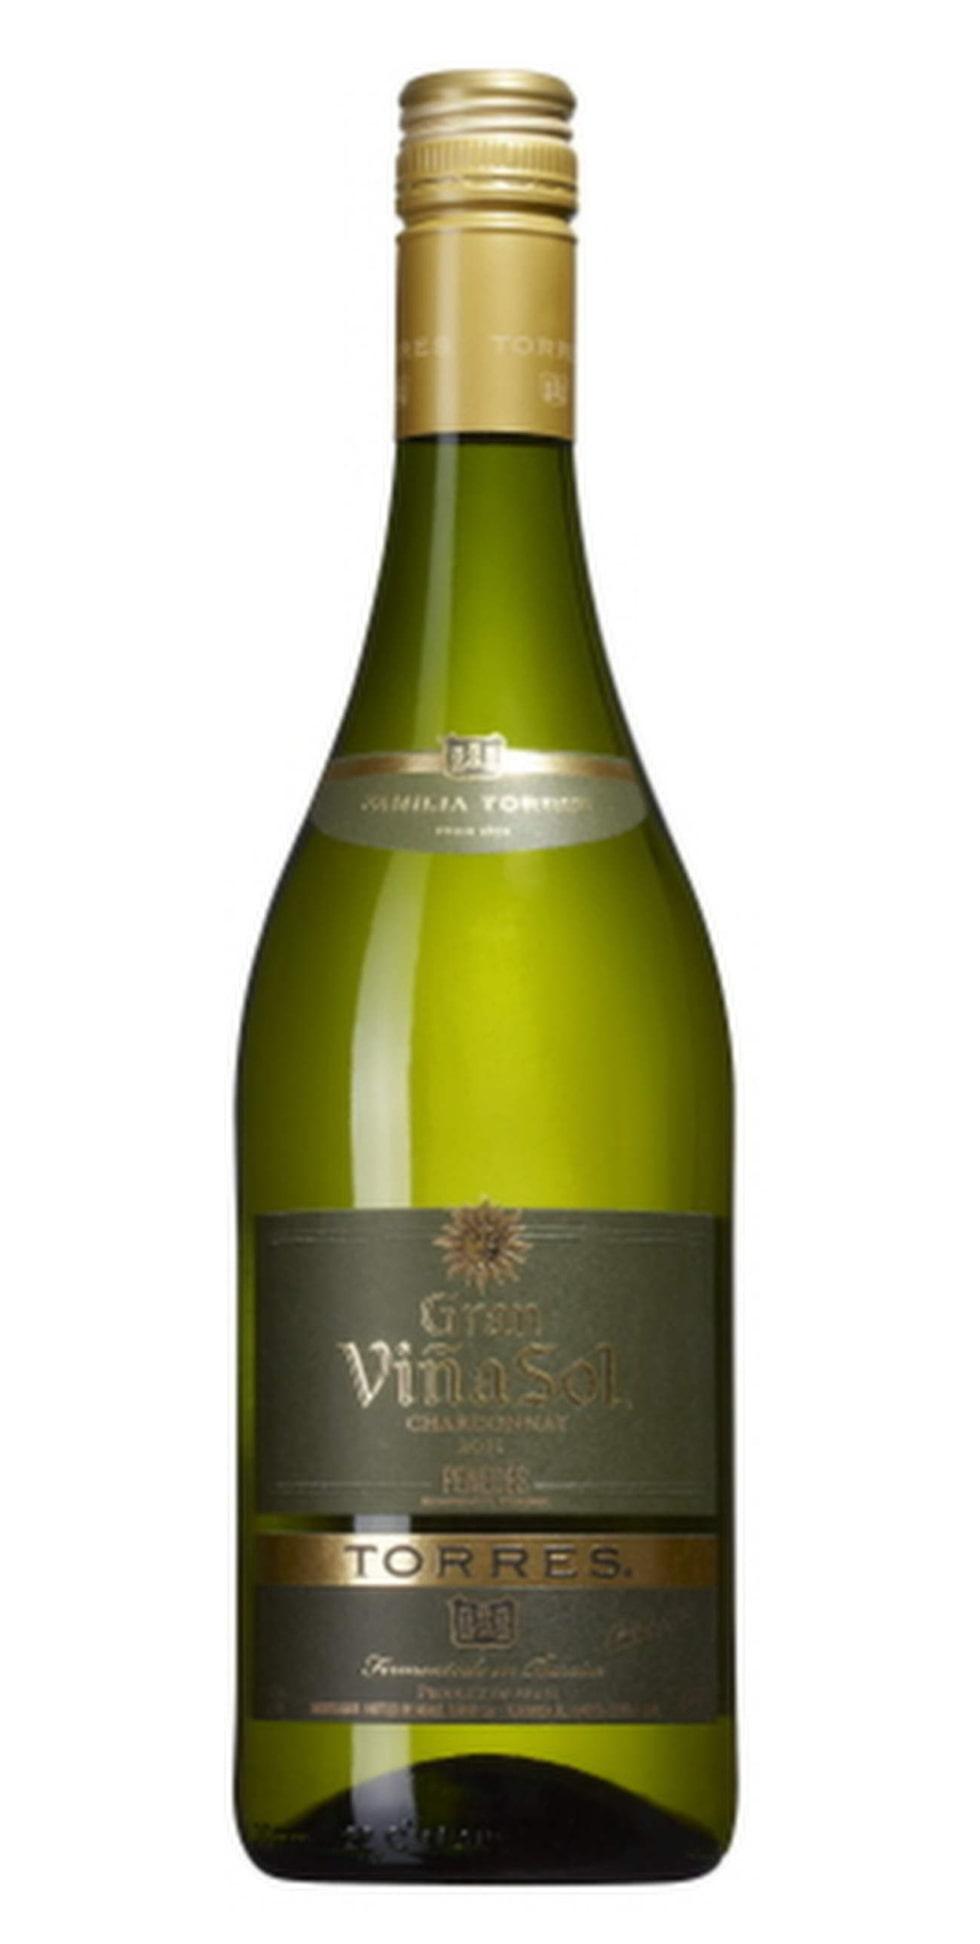 """Vitt<br><strong>Torres Gran Viñ Sol Chardonnay 2013</strong><br>(2459) Spanien, 78 kronor<br>Generöst fruktigt med drag av mogna äpplen, vanilj och krydda. Frisk fruktsyra. Till en mustig fiskgryta med saffranscrème<br><exp:icon type=""""wasp""""></exp:icon><exp:icon type=""""wasp""""></exp:icon><exp:icon type=""""wasp""""></exp:icon><exp:icon type=""""wasp""""></exp:icon><exp:icon type=""""wasp""""></exp:icon>"""